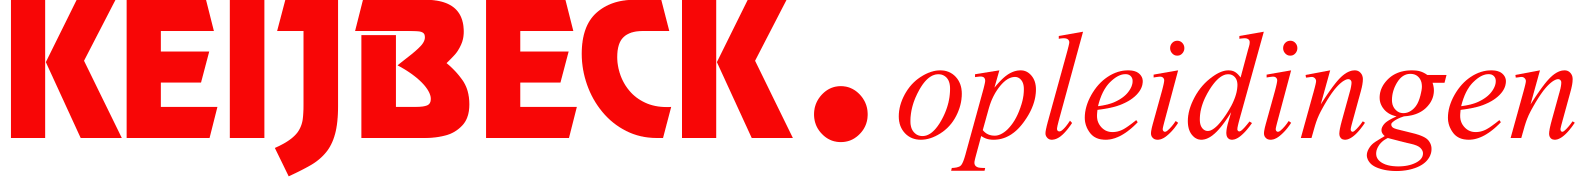 Keijbeck Opleidingen